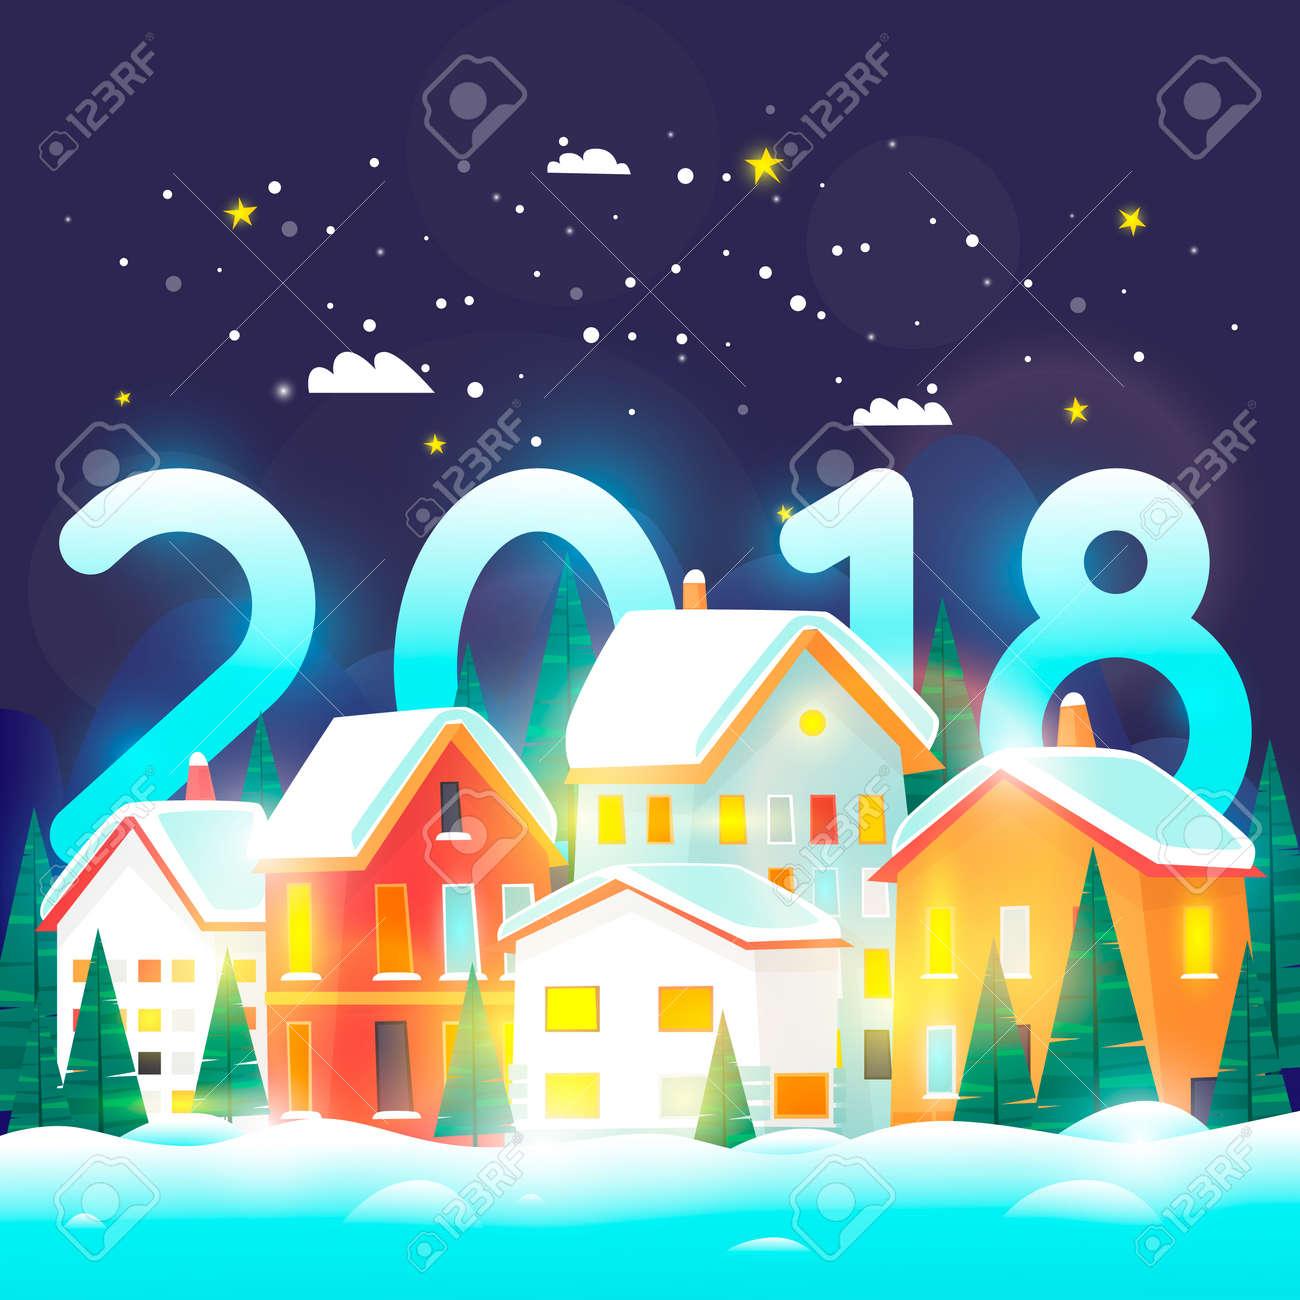 noel 2018 a la neige Paysage De Ville D'hiver. 2018. Joyeux Noël Et Bonne Année. Urbain  noel 2018 a la neige